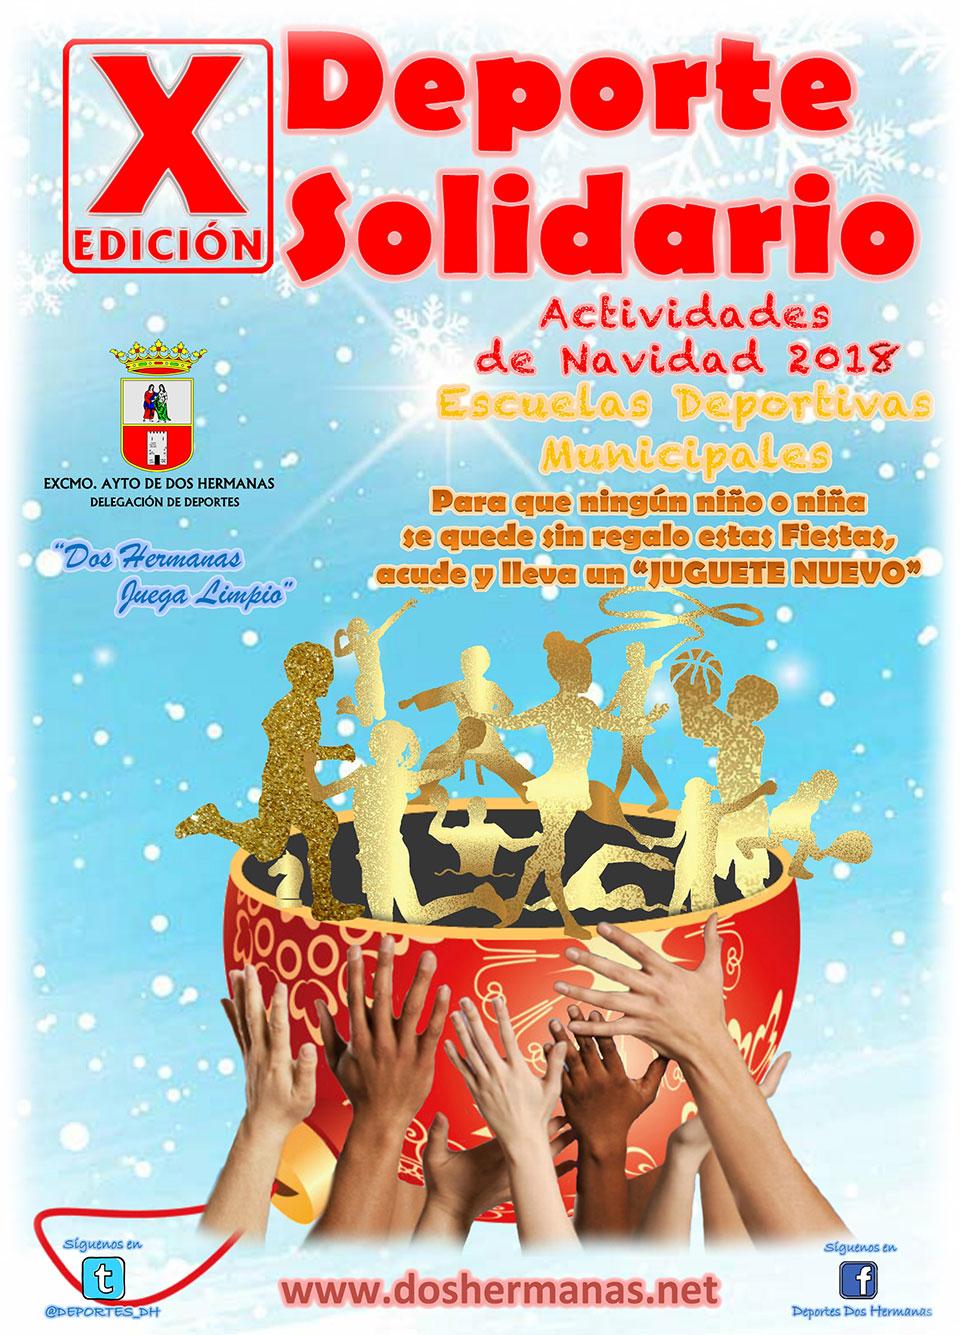 """X Edición Deporte Solidario """"Juguetes para una ilusión"""" 2018"""